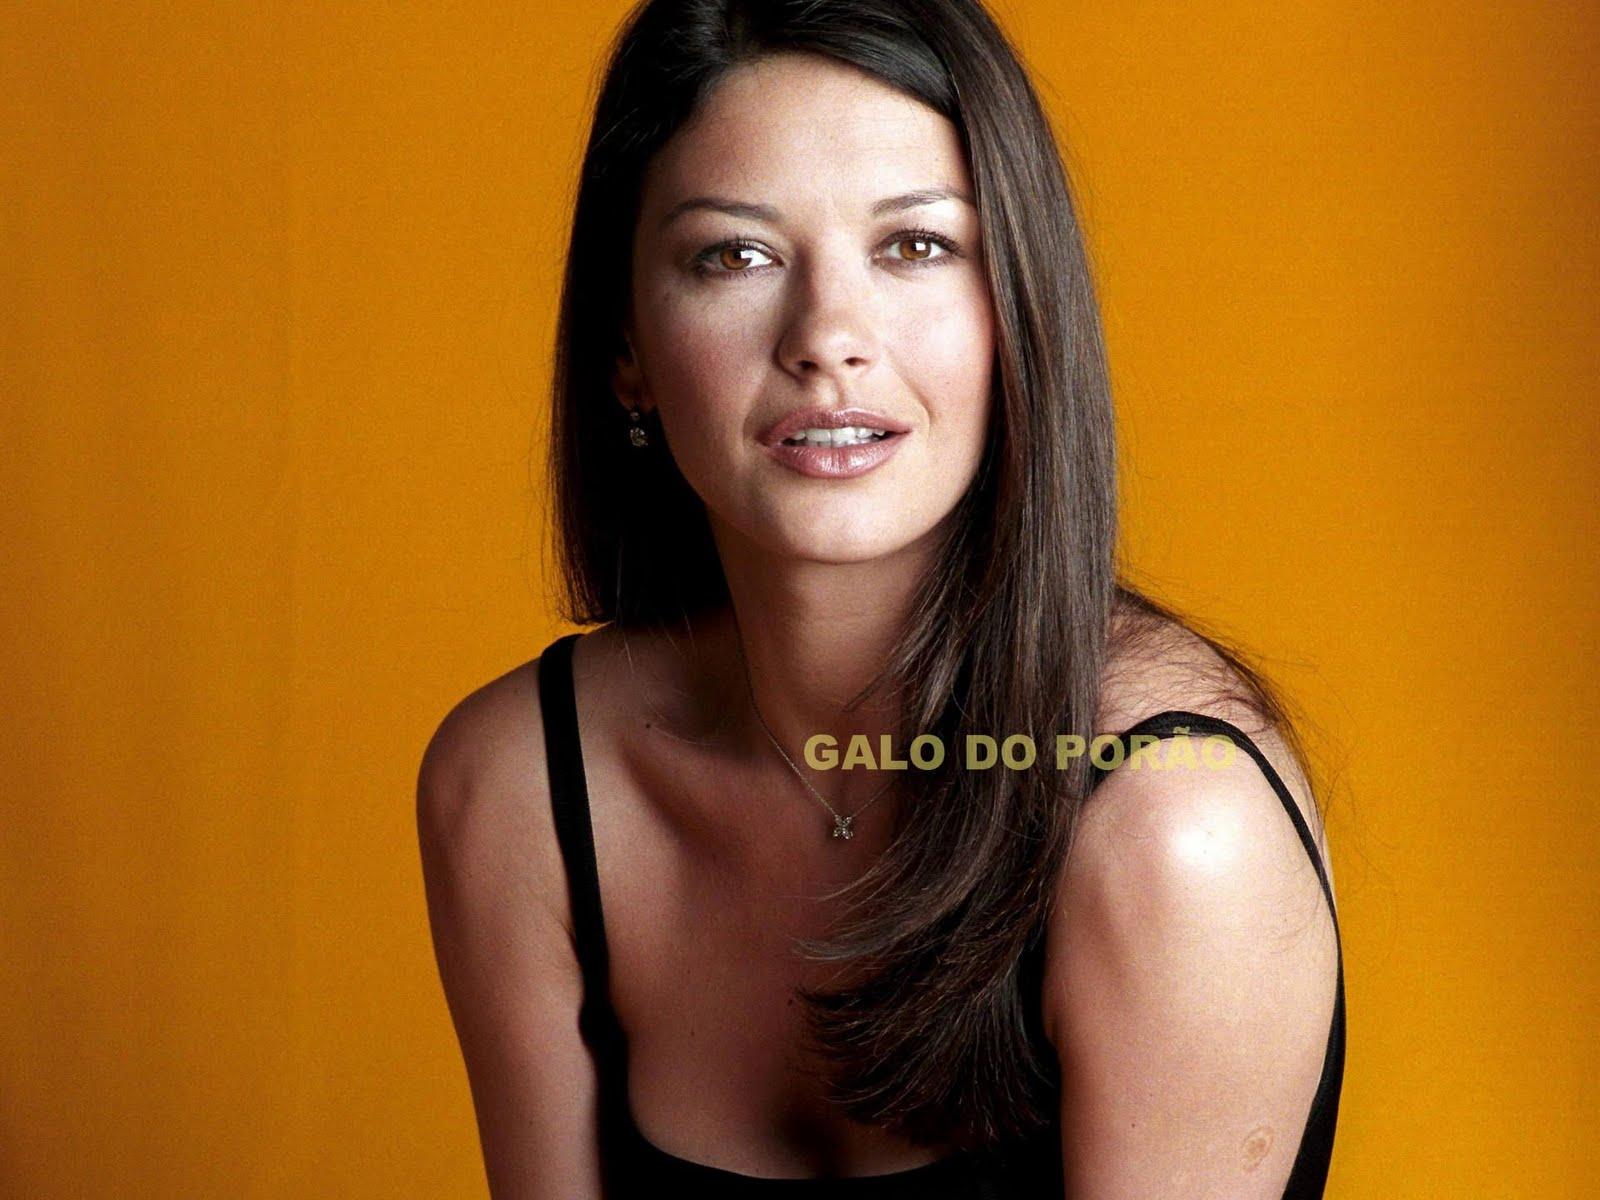 http://3.bp.blogspot.com/_6QURoNy4-5k/TK9Q8bNYW1I/AAAAAAAAIEQ/0k-6YSlRmqM/s1600/Catherine+Zeta-Jones.jpg